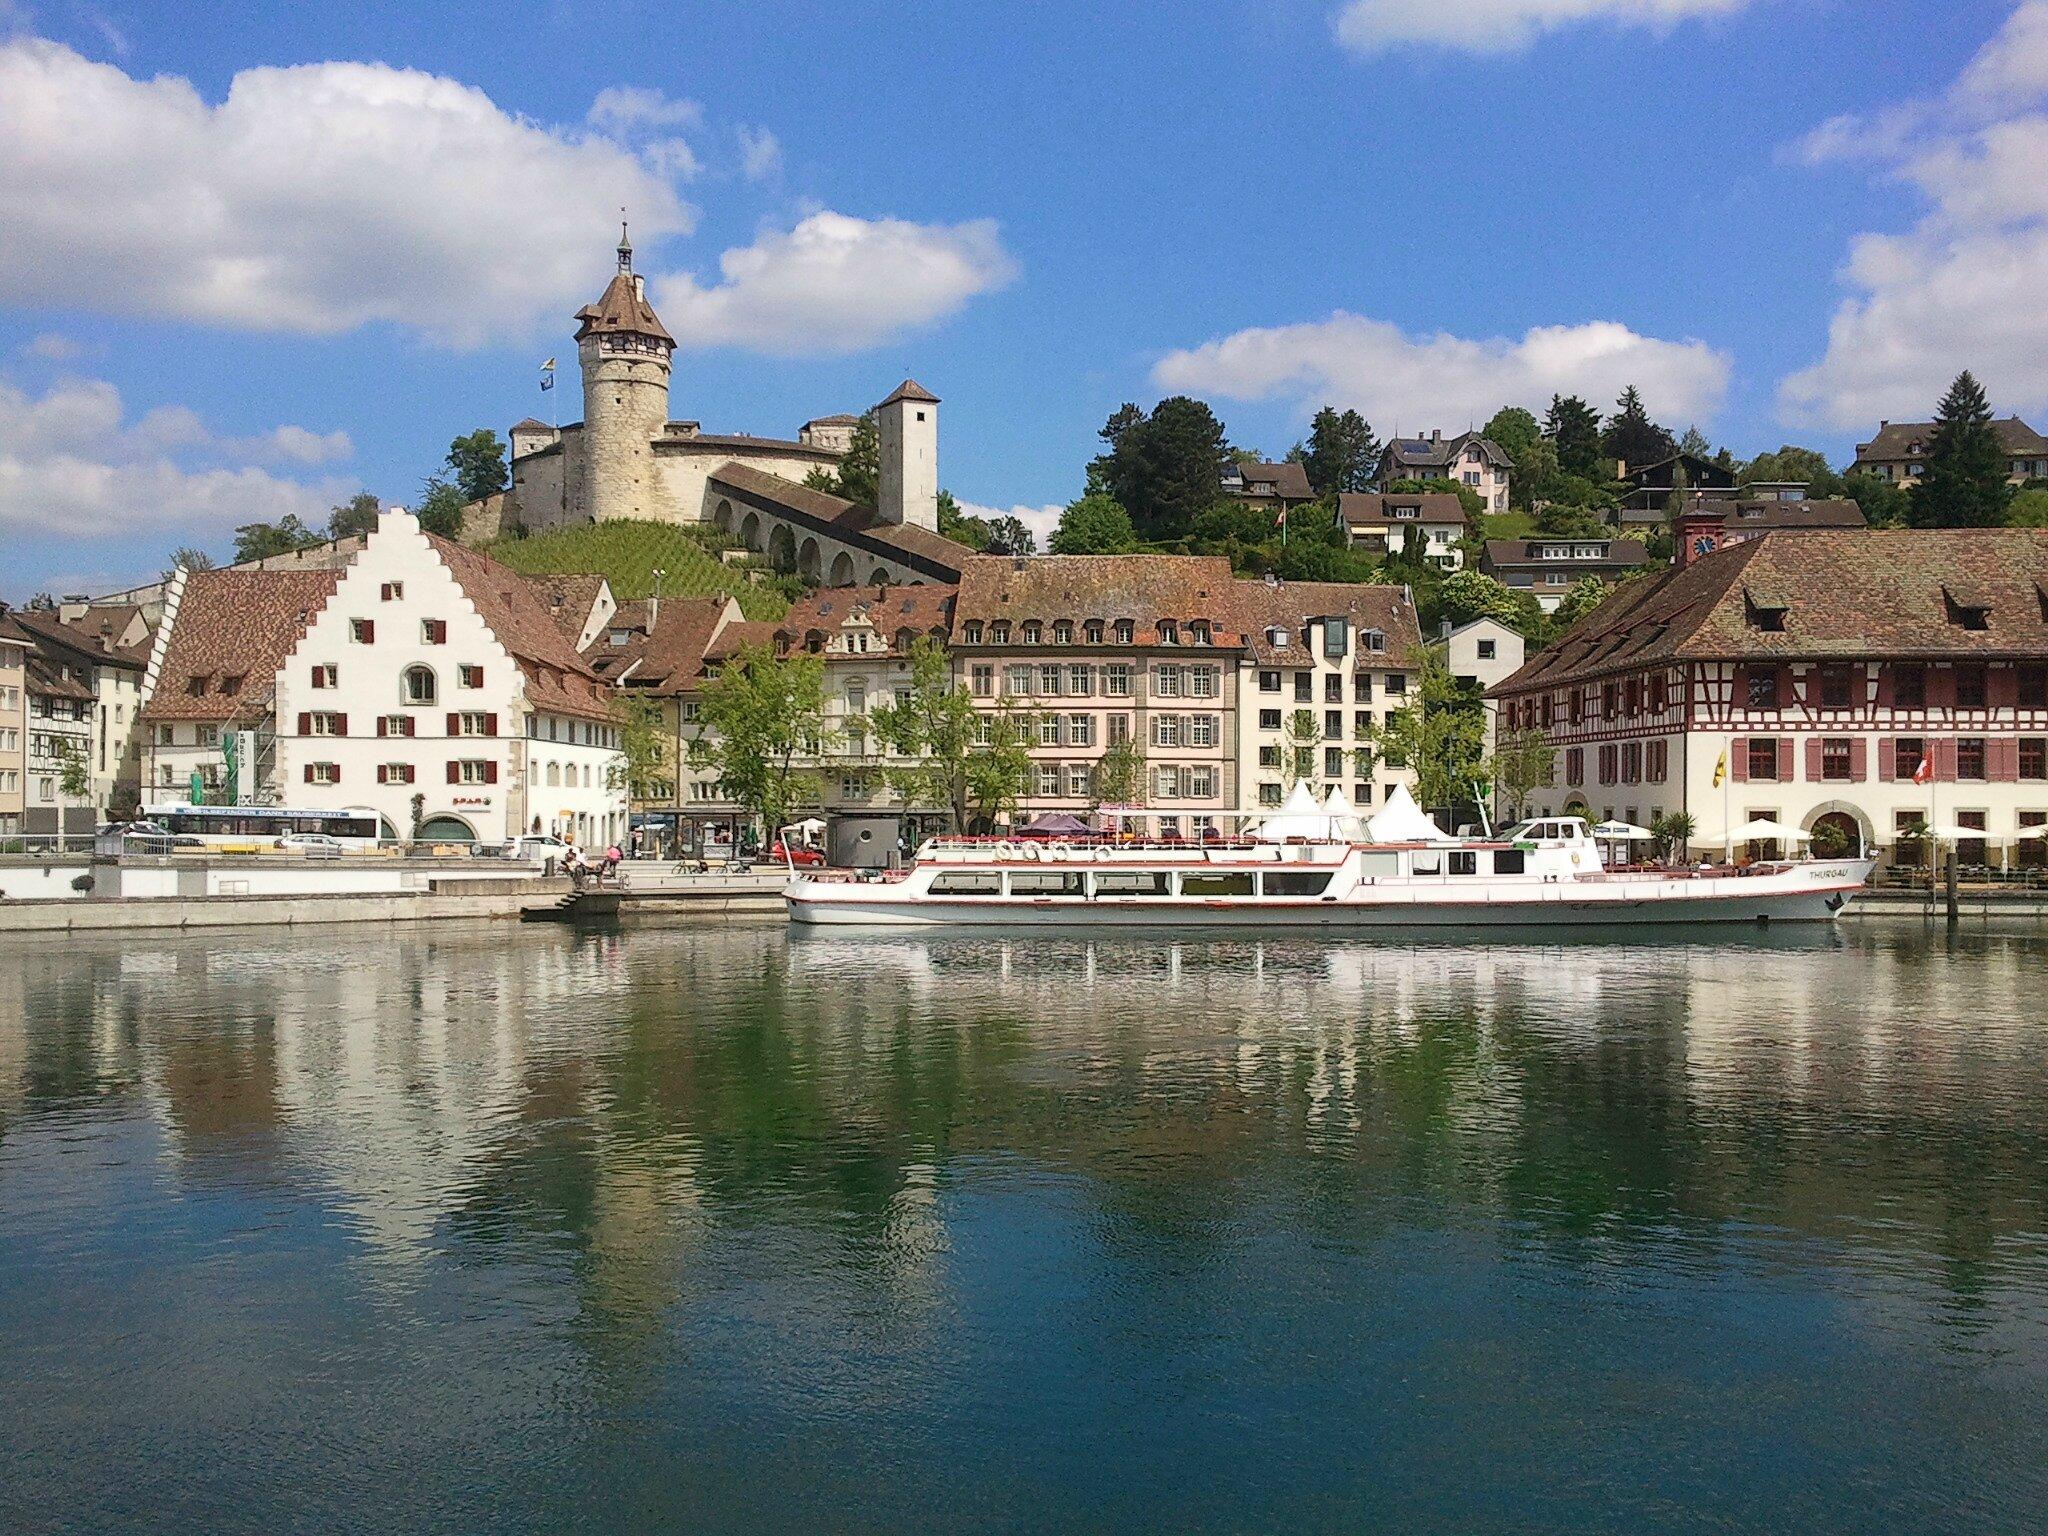 30-31 mai : En direction du lac de Constance